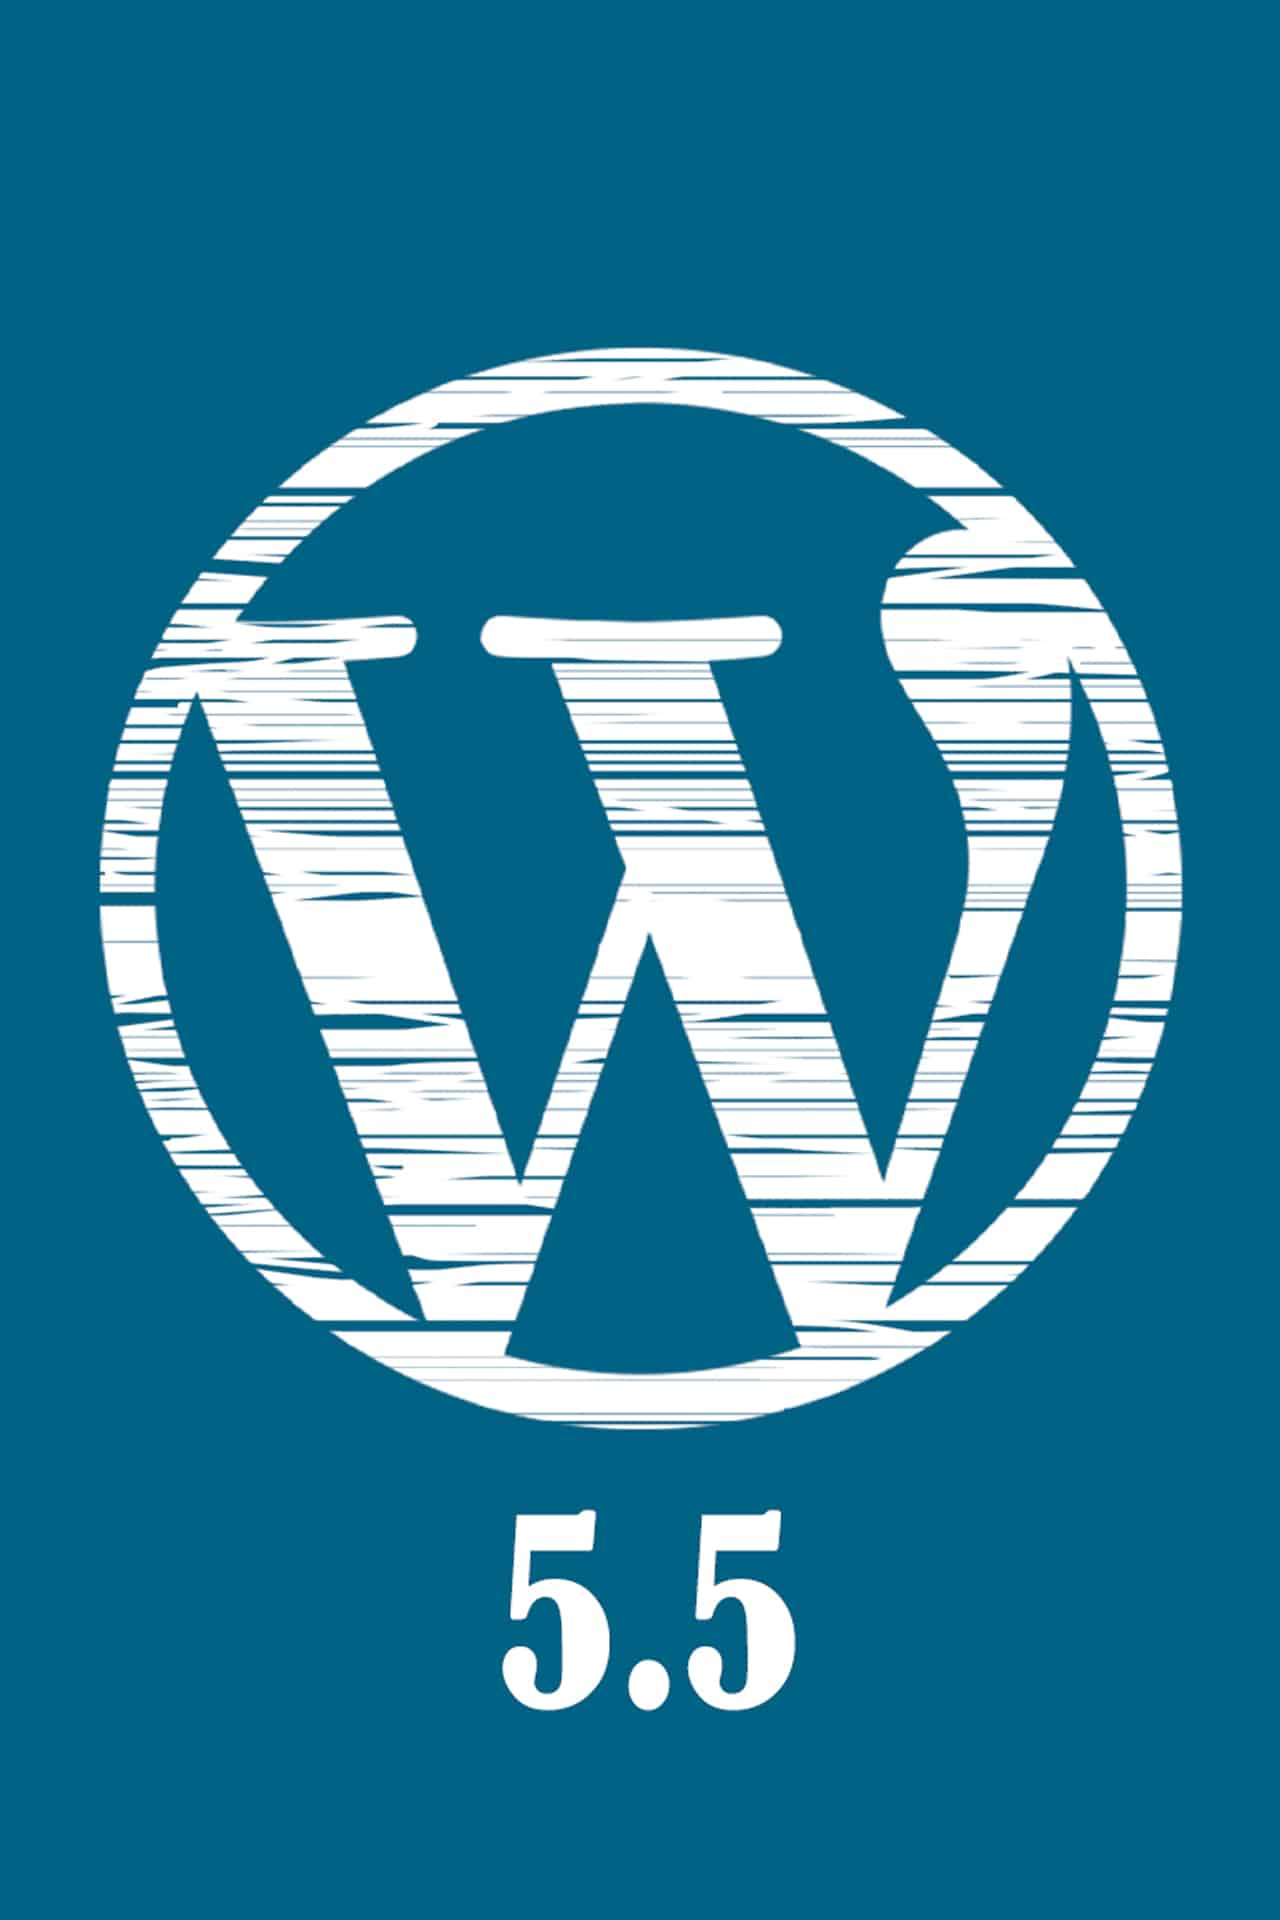 wordpress 5 5 aggiornamento